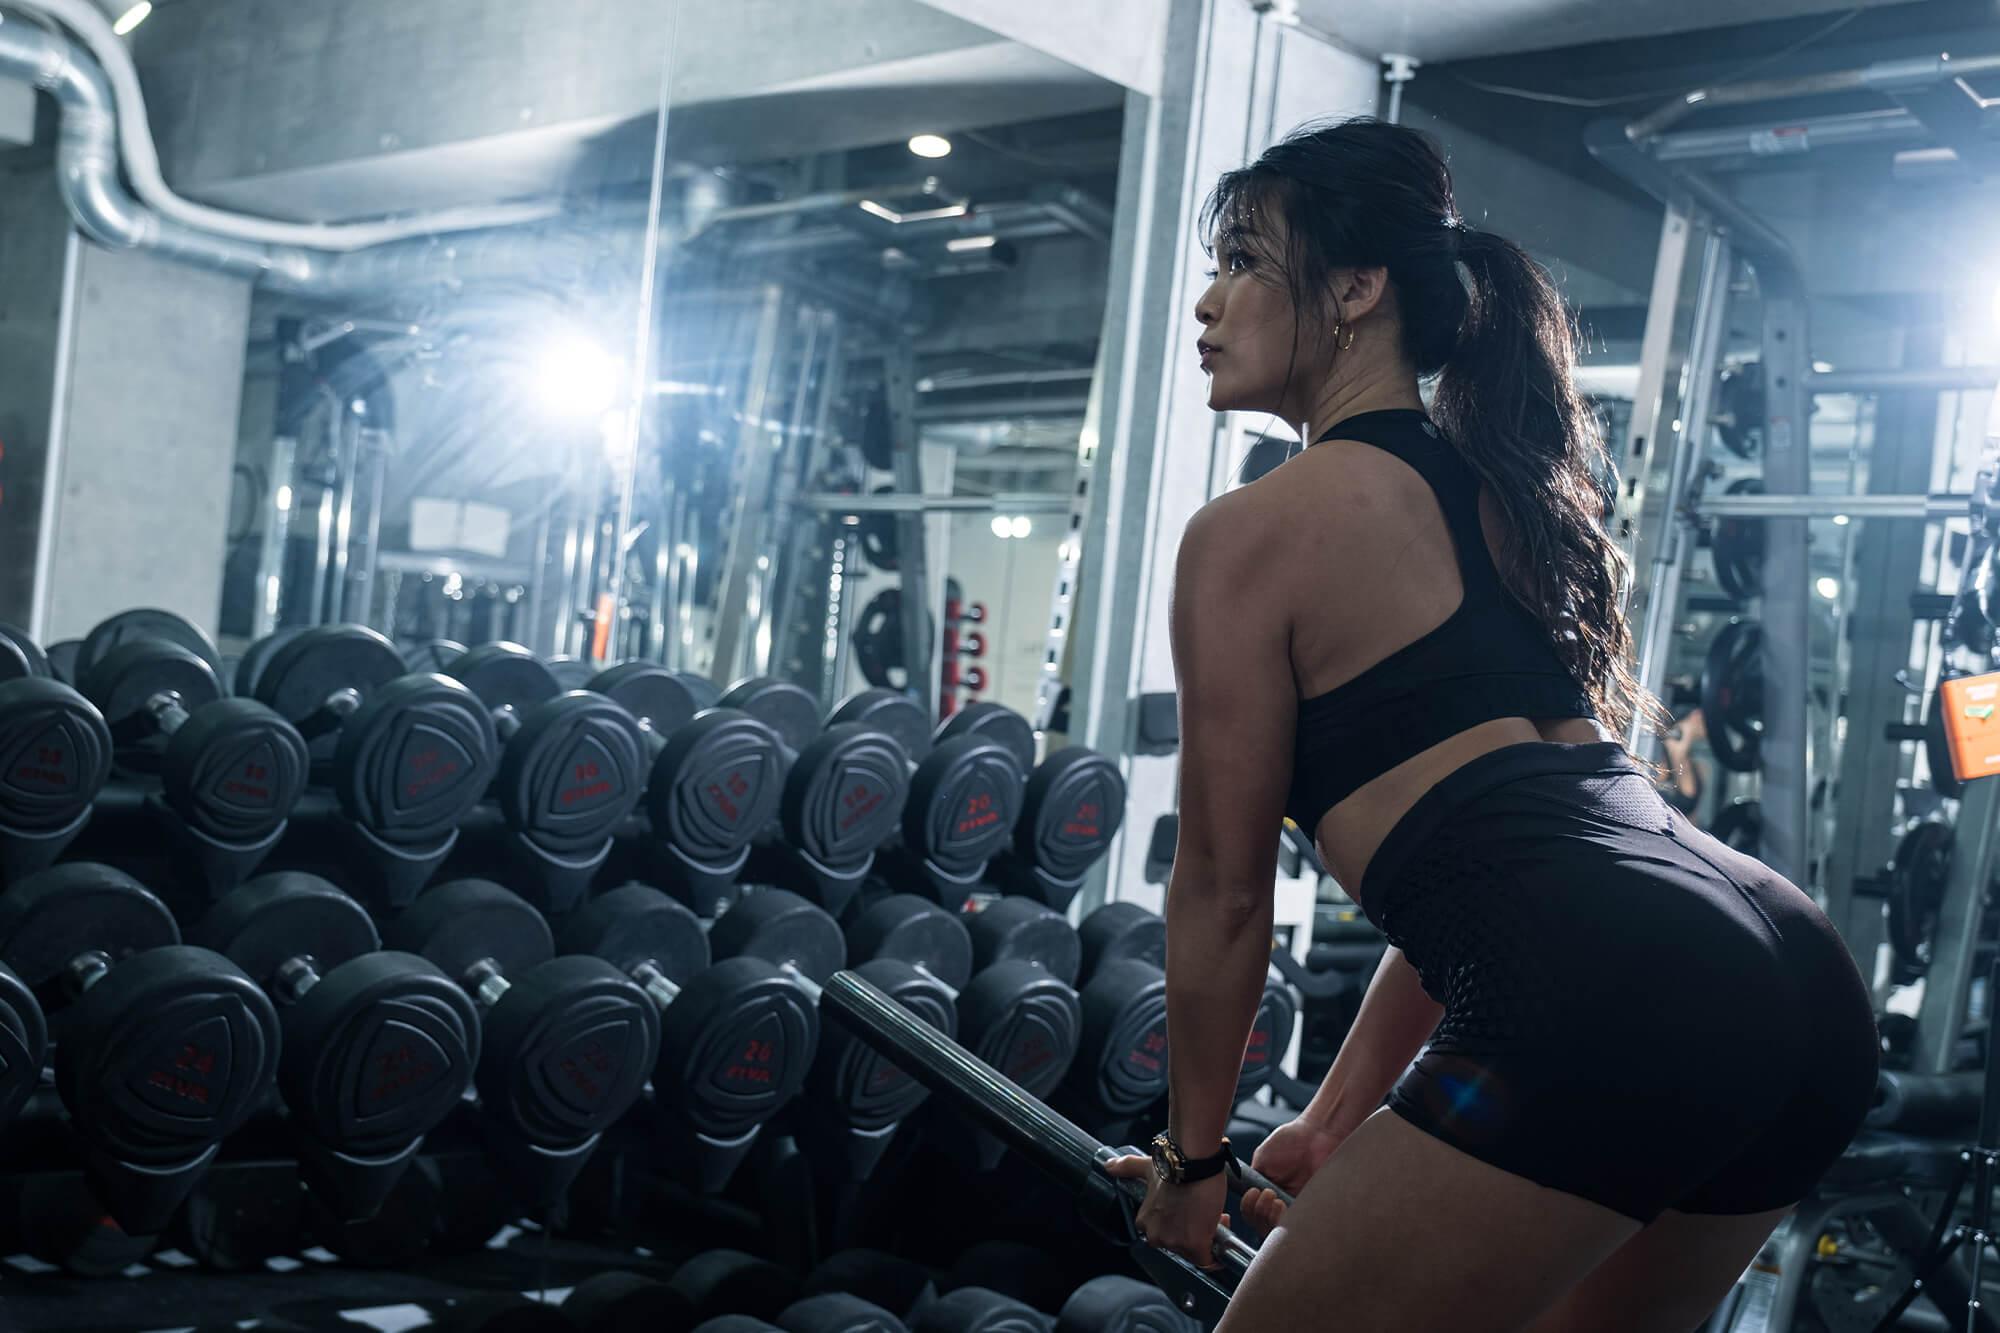 トレーニング中の女性の写真